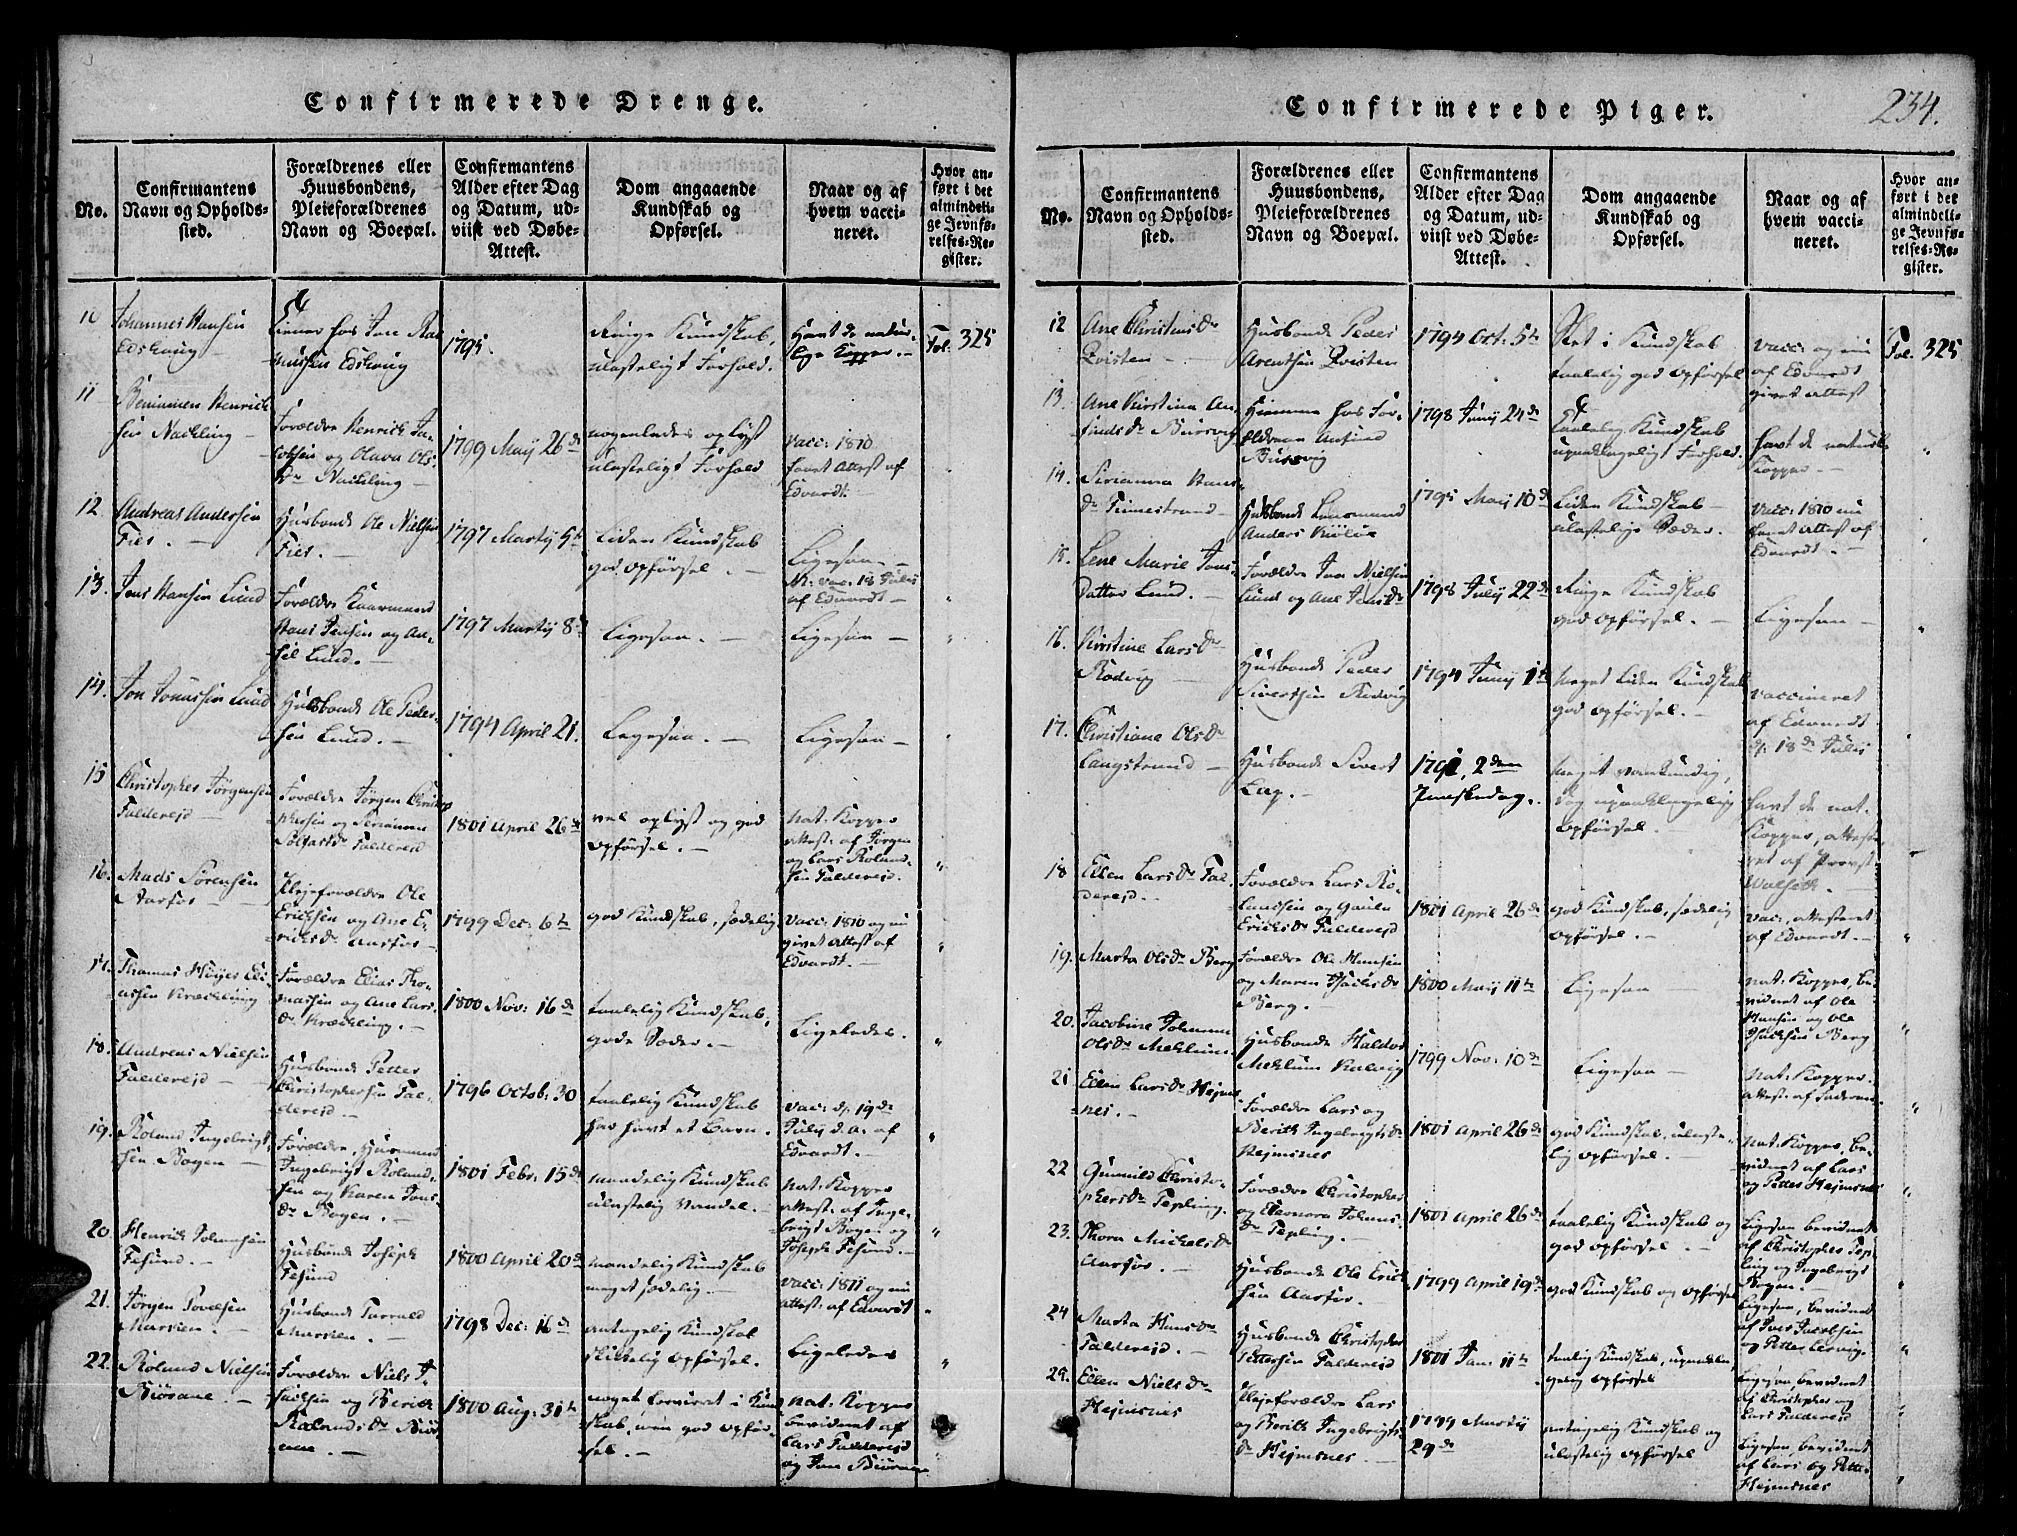 SAT, Ministerialprotokoller, klokkerbøker og fødselsregistre - Nord-Trøndelag, 780/L0636: Ministerialbok nr. 780A03 /1, 1815-1830, s. 234